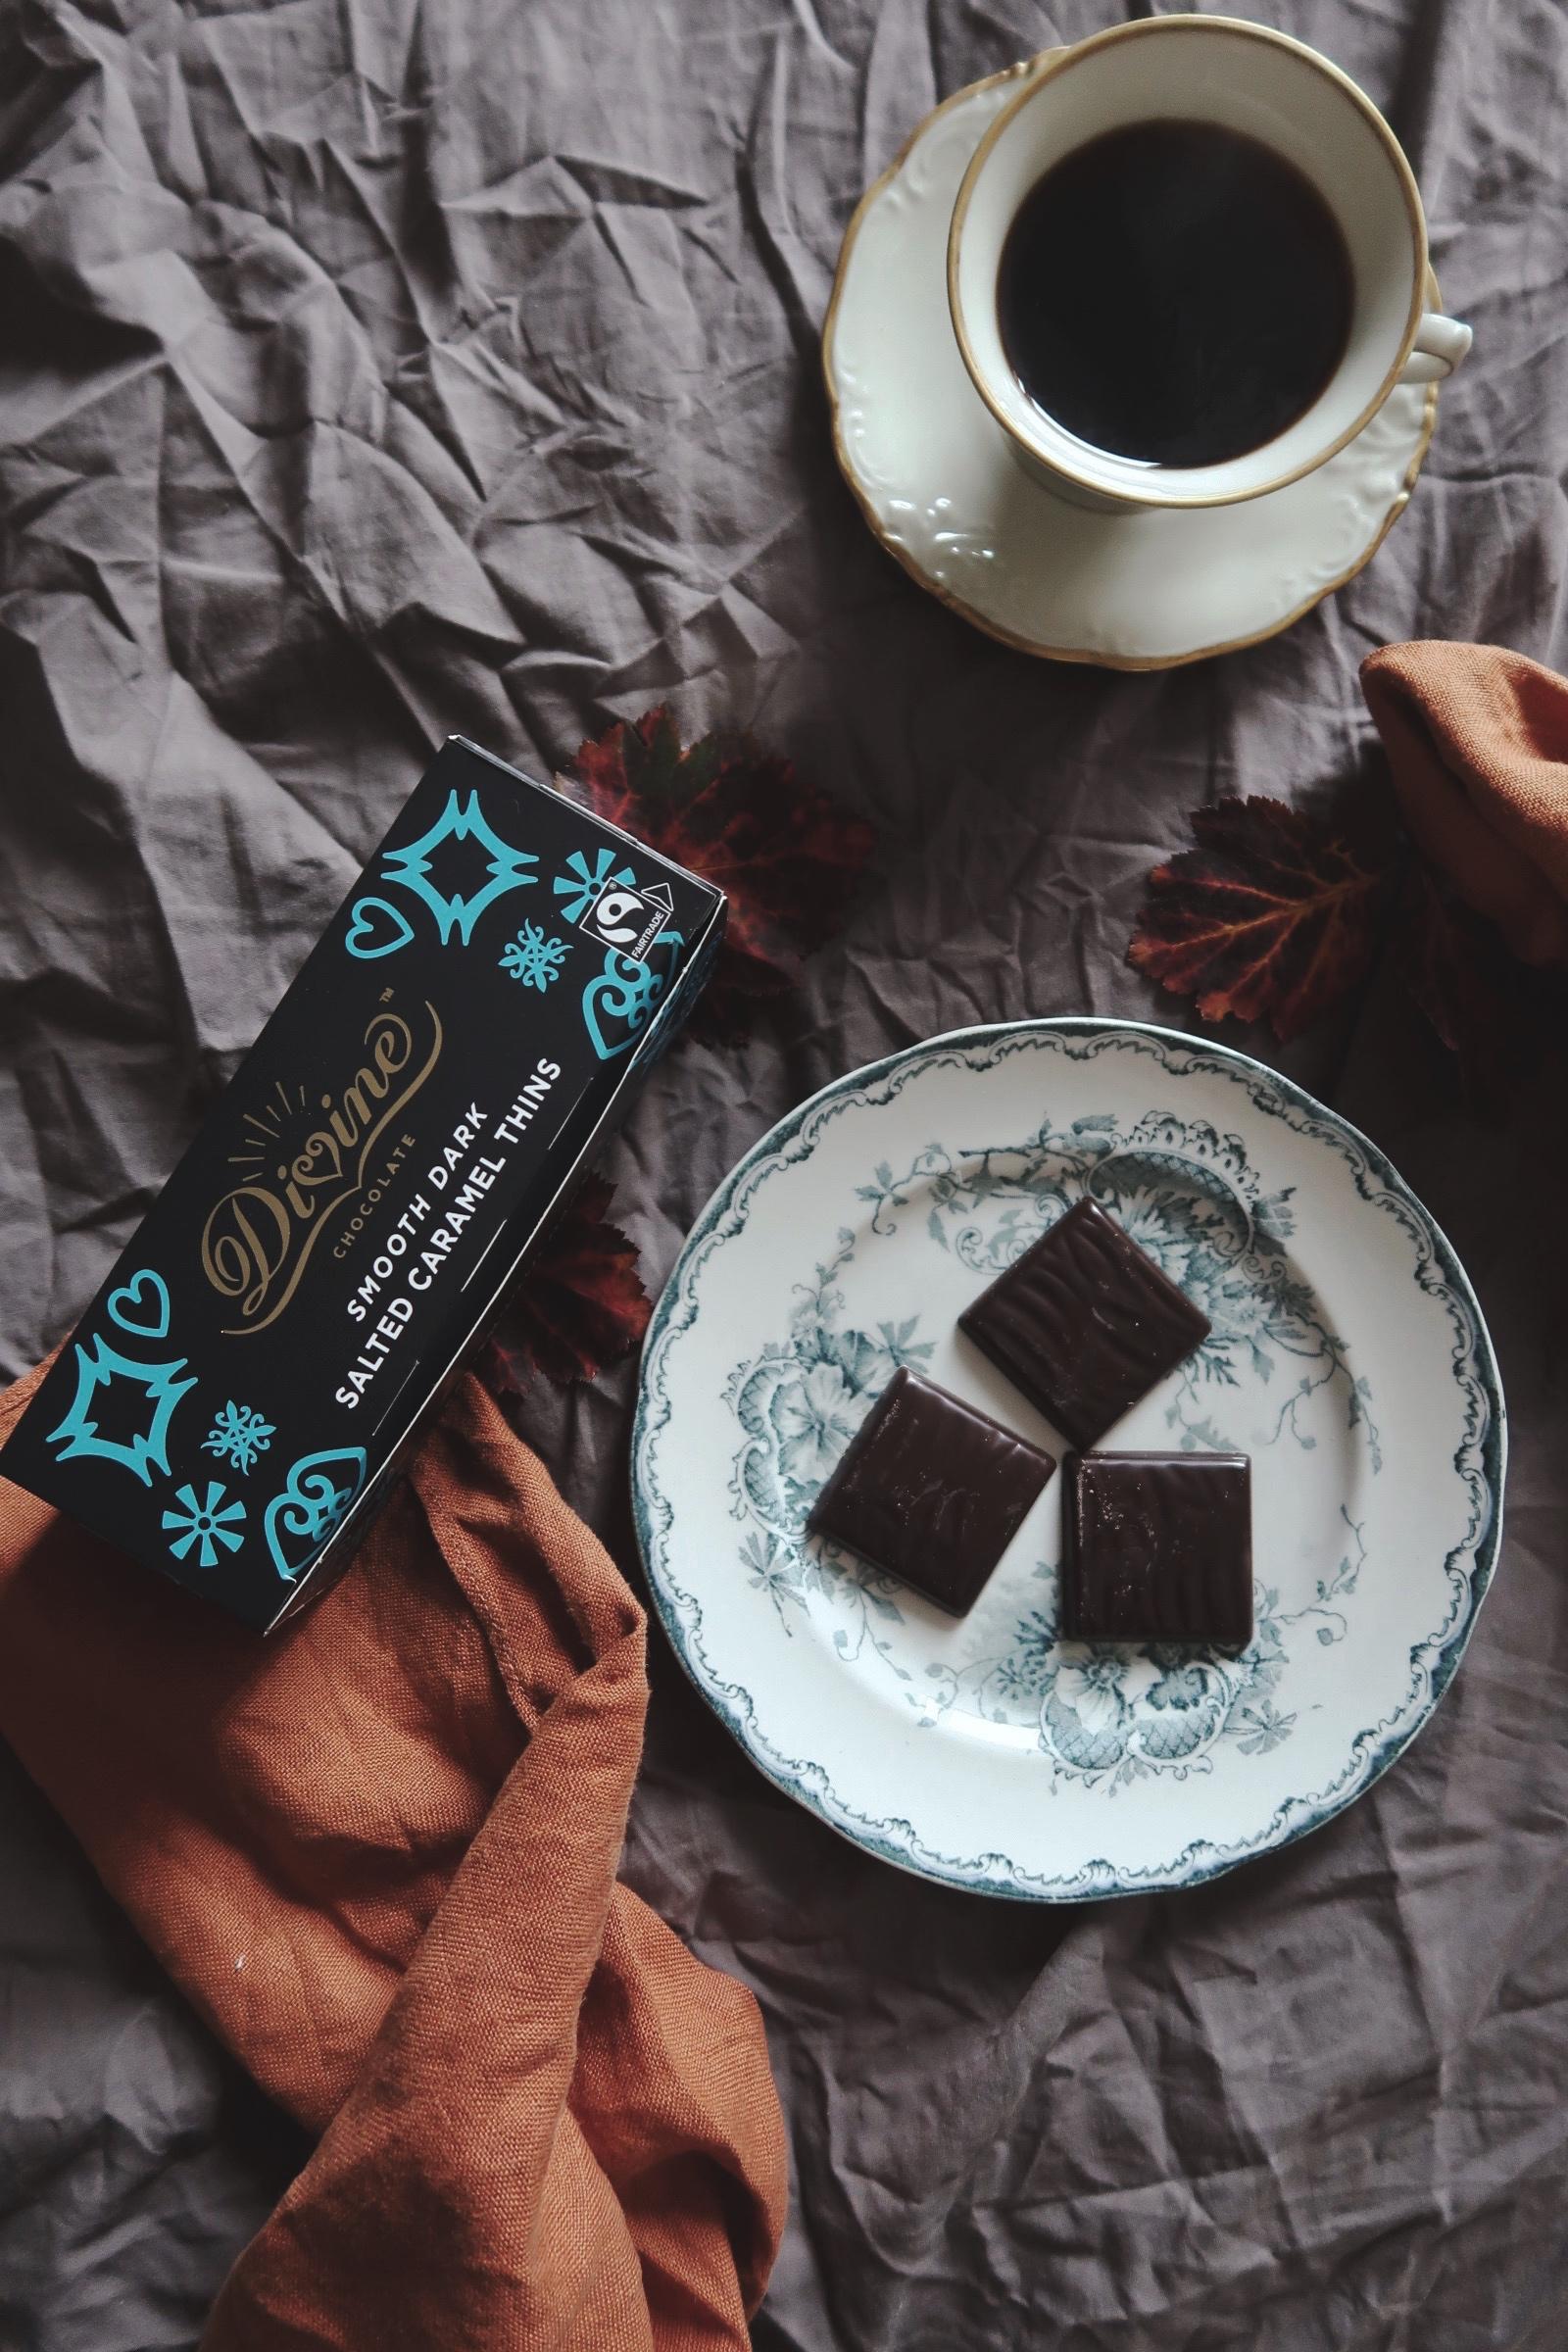 Choklad, kaffe och loppisfynd